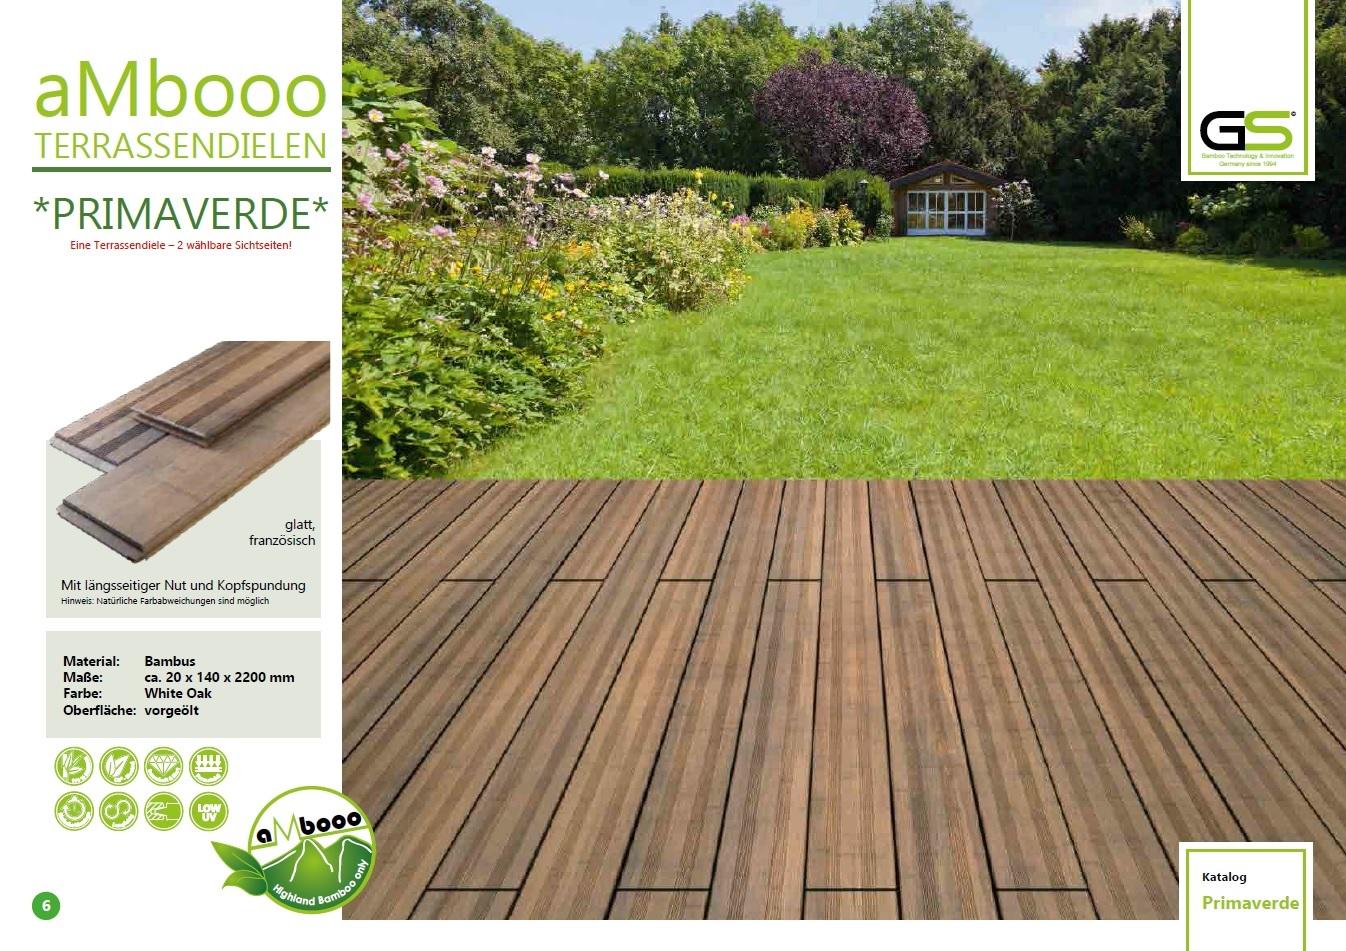 Produktmerkmale und Vorteile von aMbooo Terrassendielen und ...